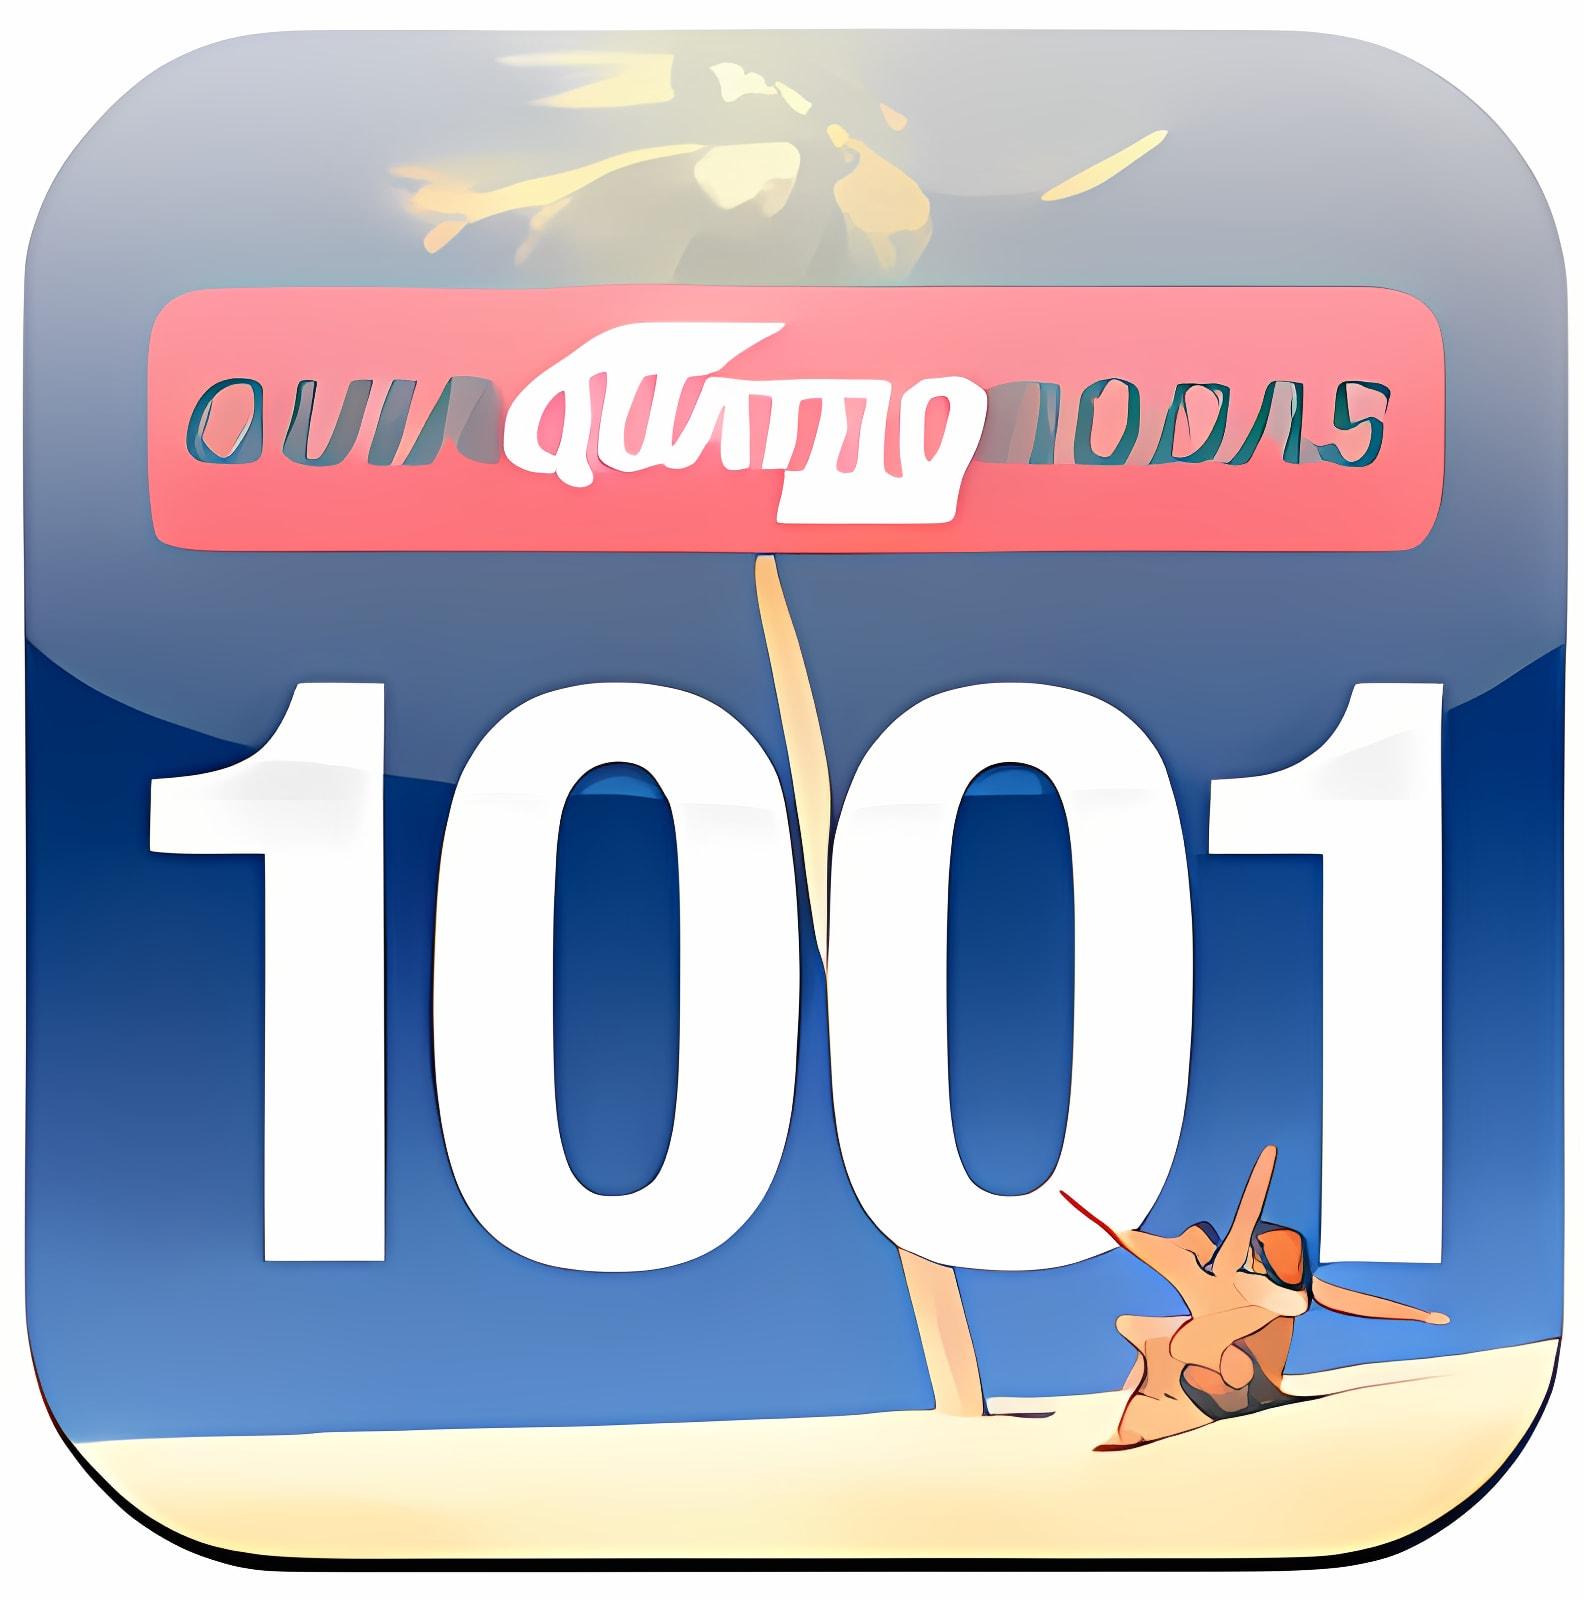 Guia Quatro Rodas 1001 lugares 1.1